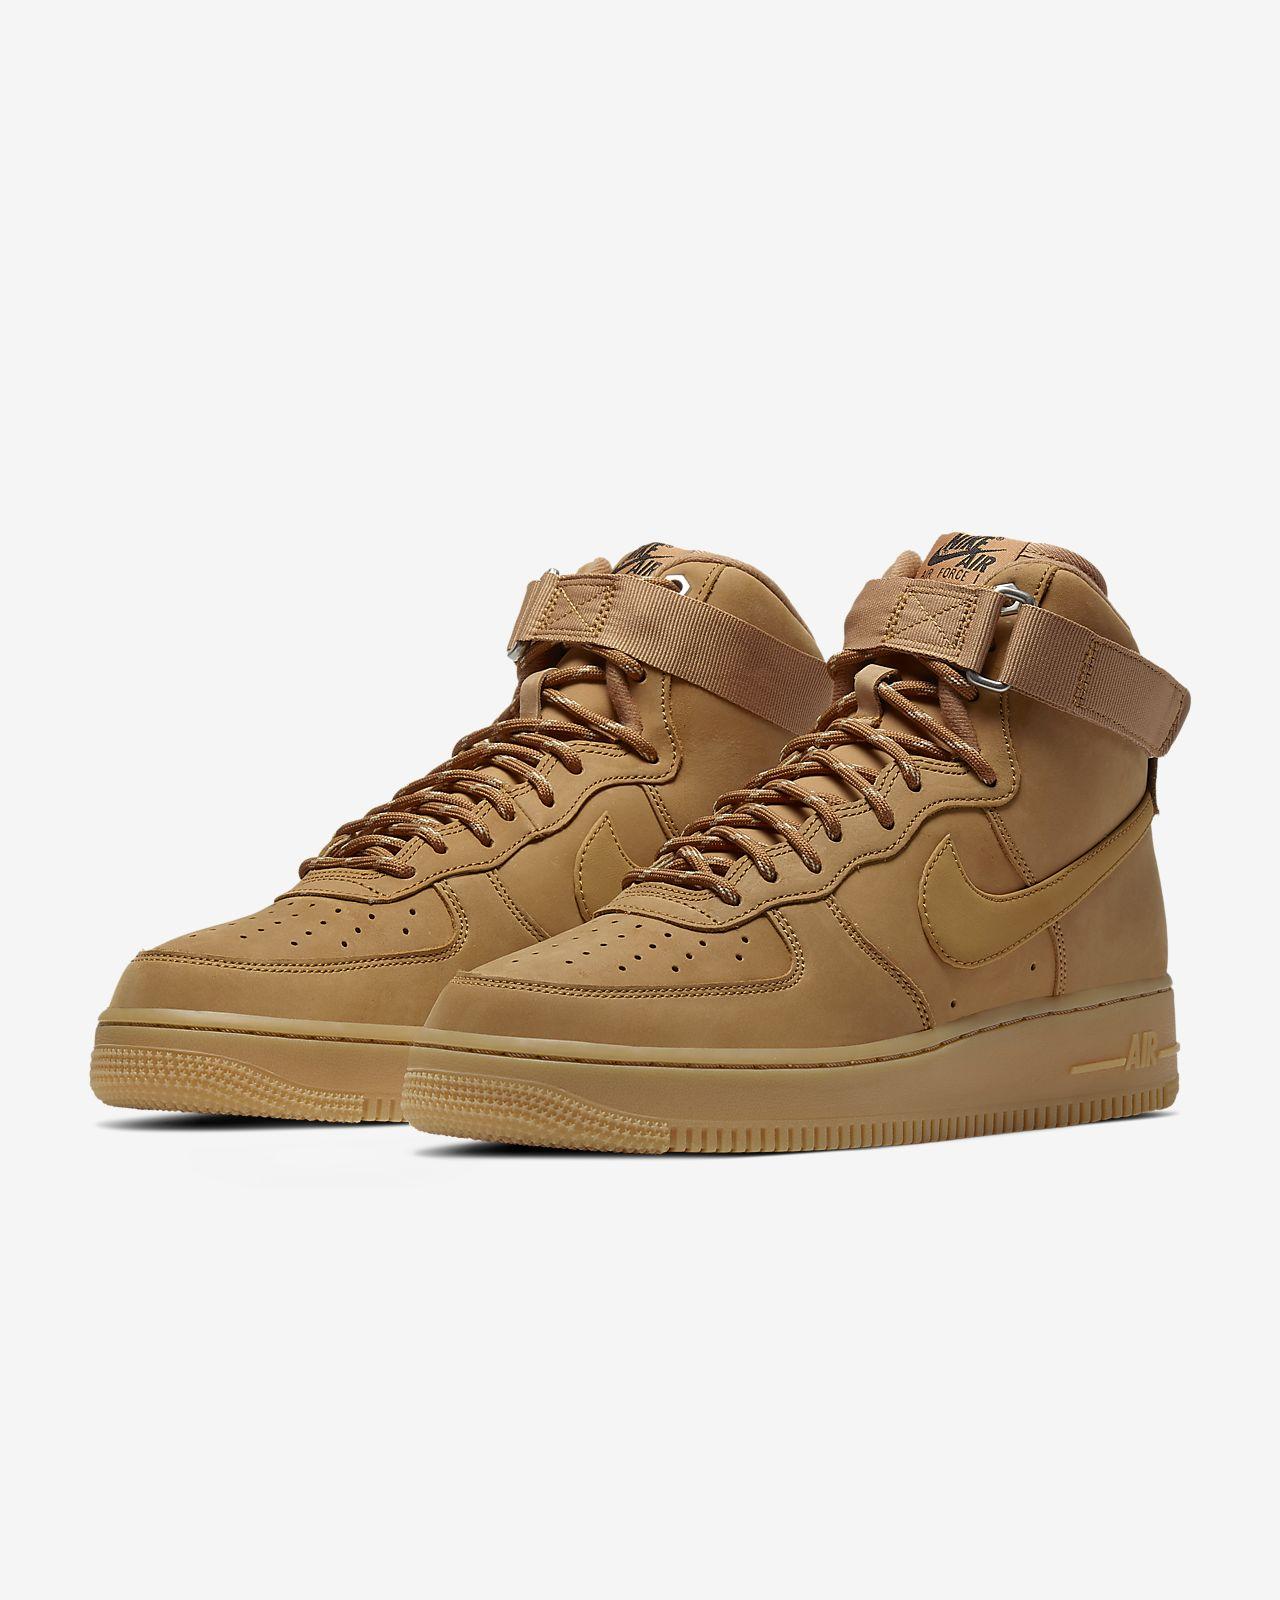 Nike Nike Air Force 1 '07 WB 'Flax' | CJ9179 200